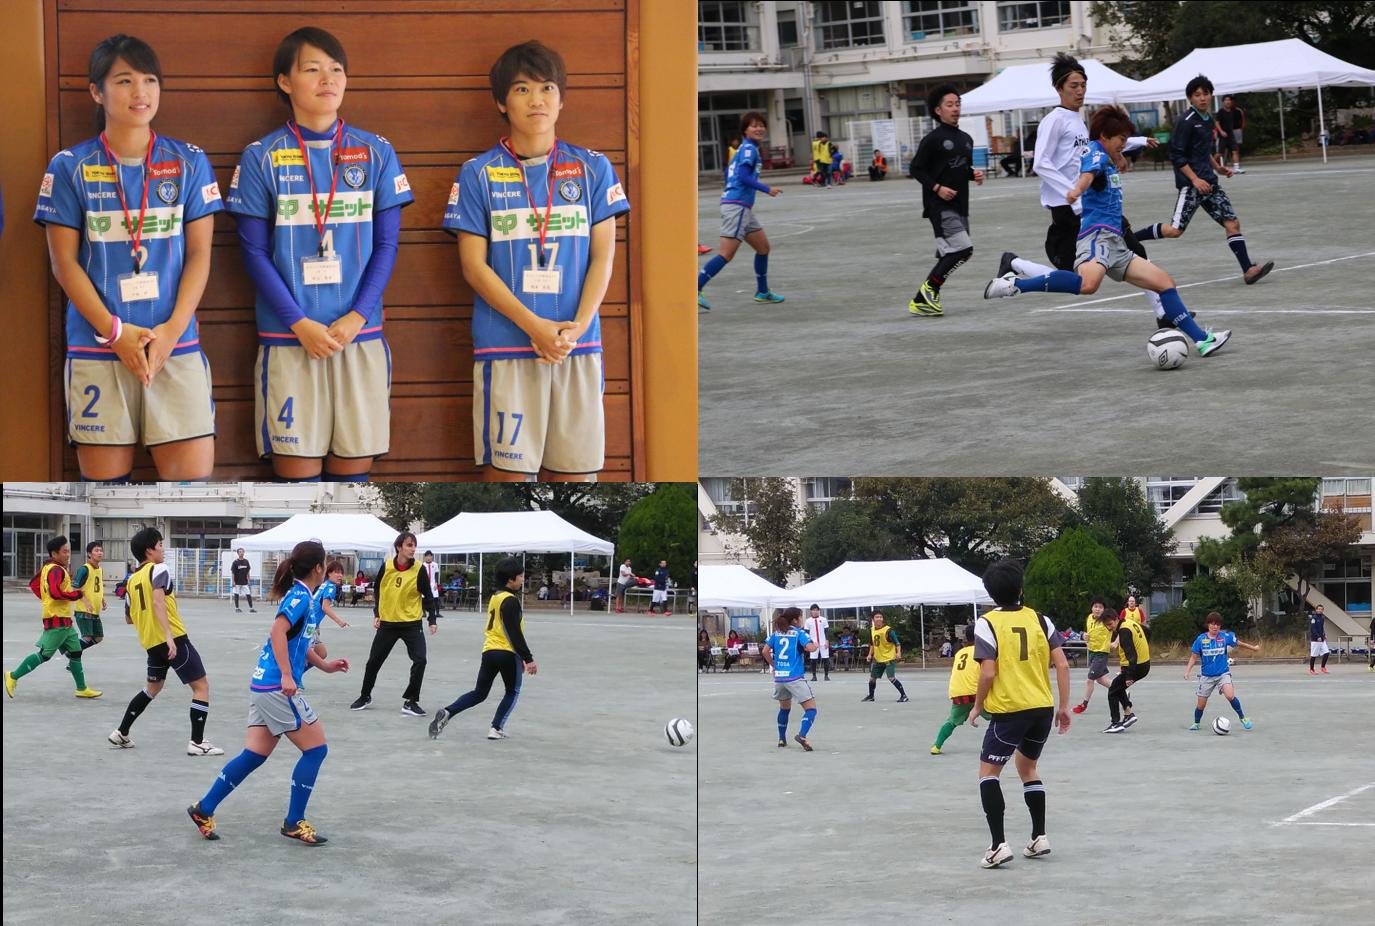 等々力小でミニサッカー、「スフィーダ世田谷FC」選手と共に